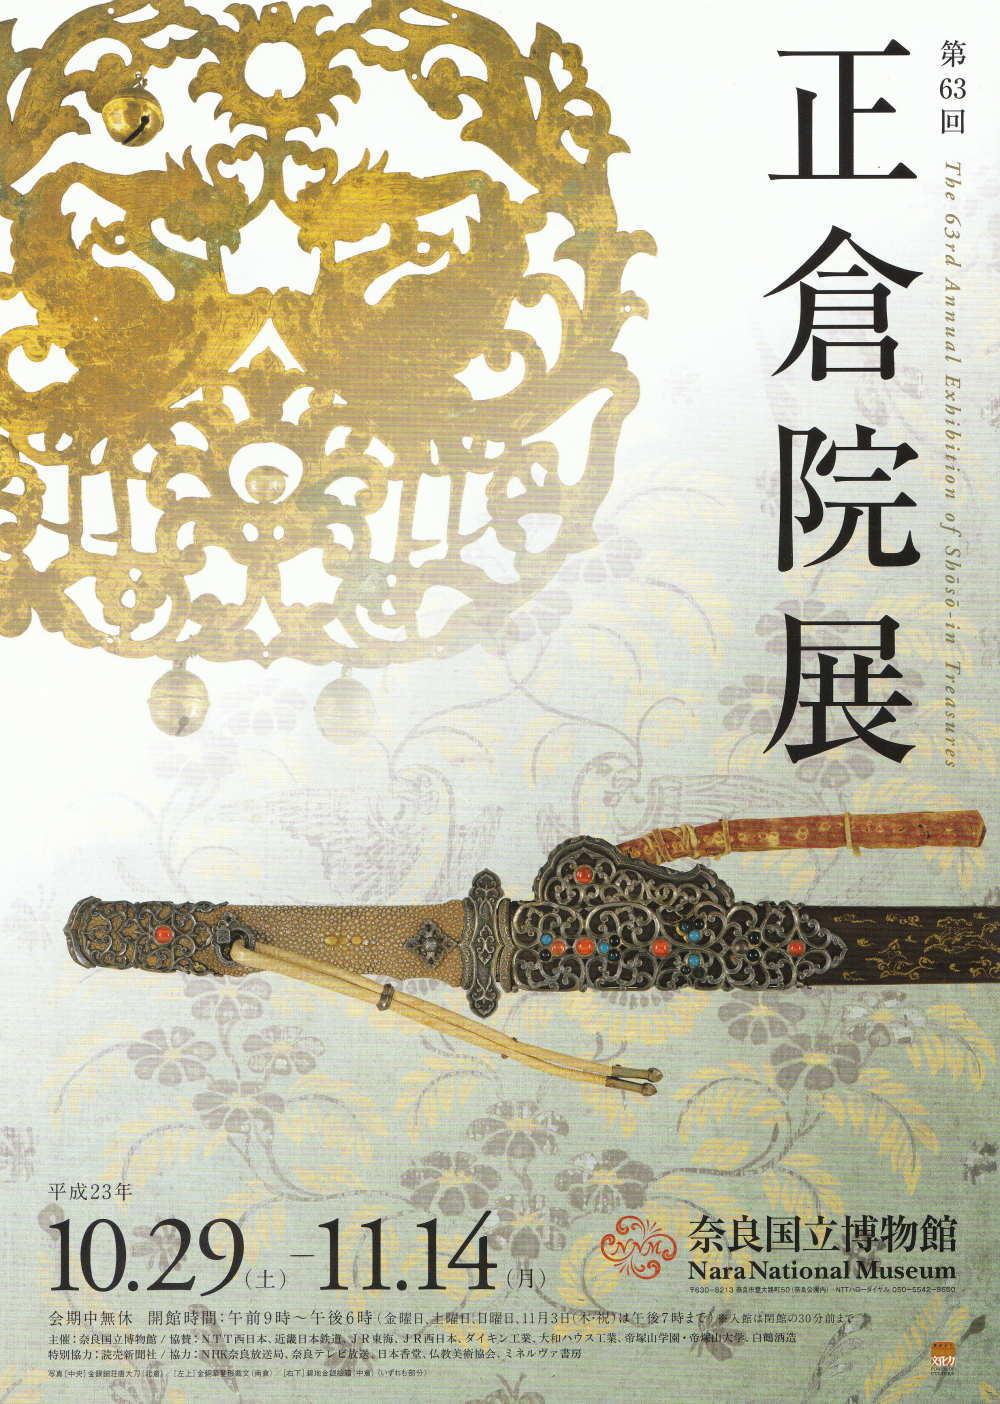 第63回 正倉院展 奈良国立博物館 えび香